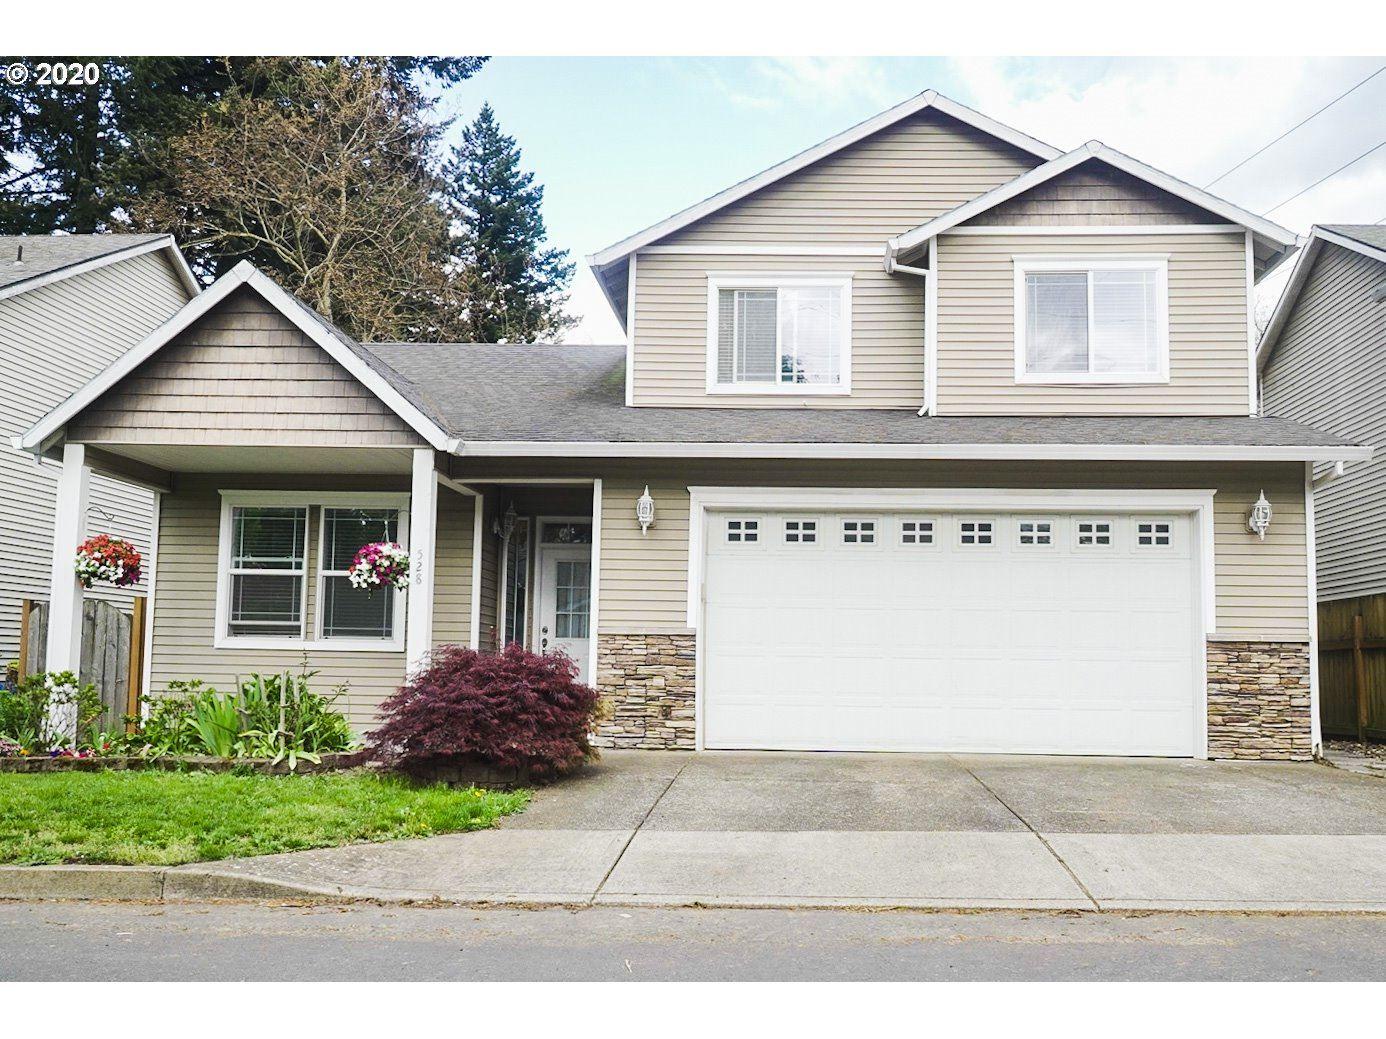 528 NE 200TH PL, Portland, OR 97230 - MLS#: 20466614